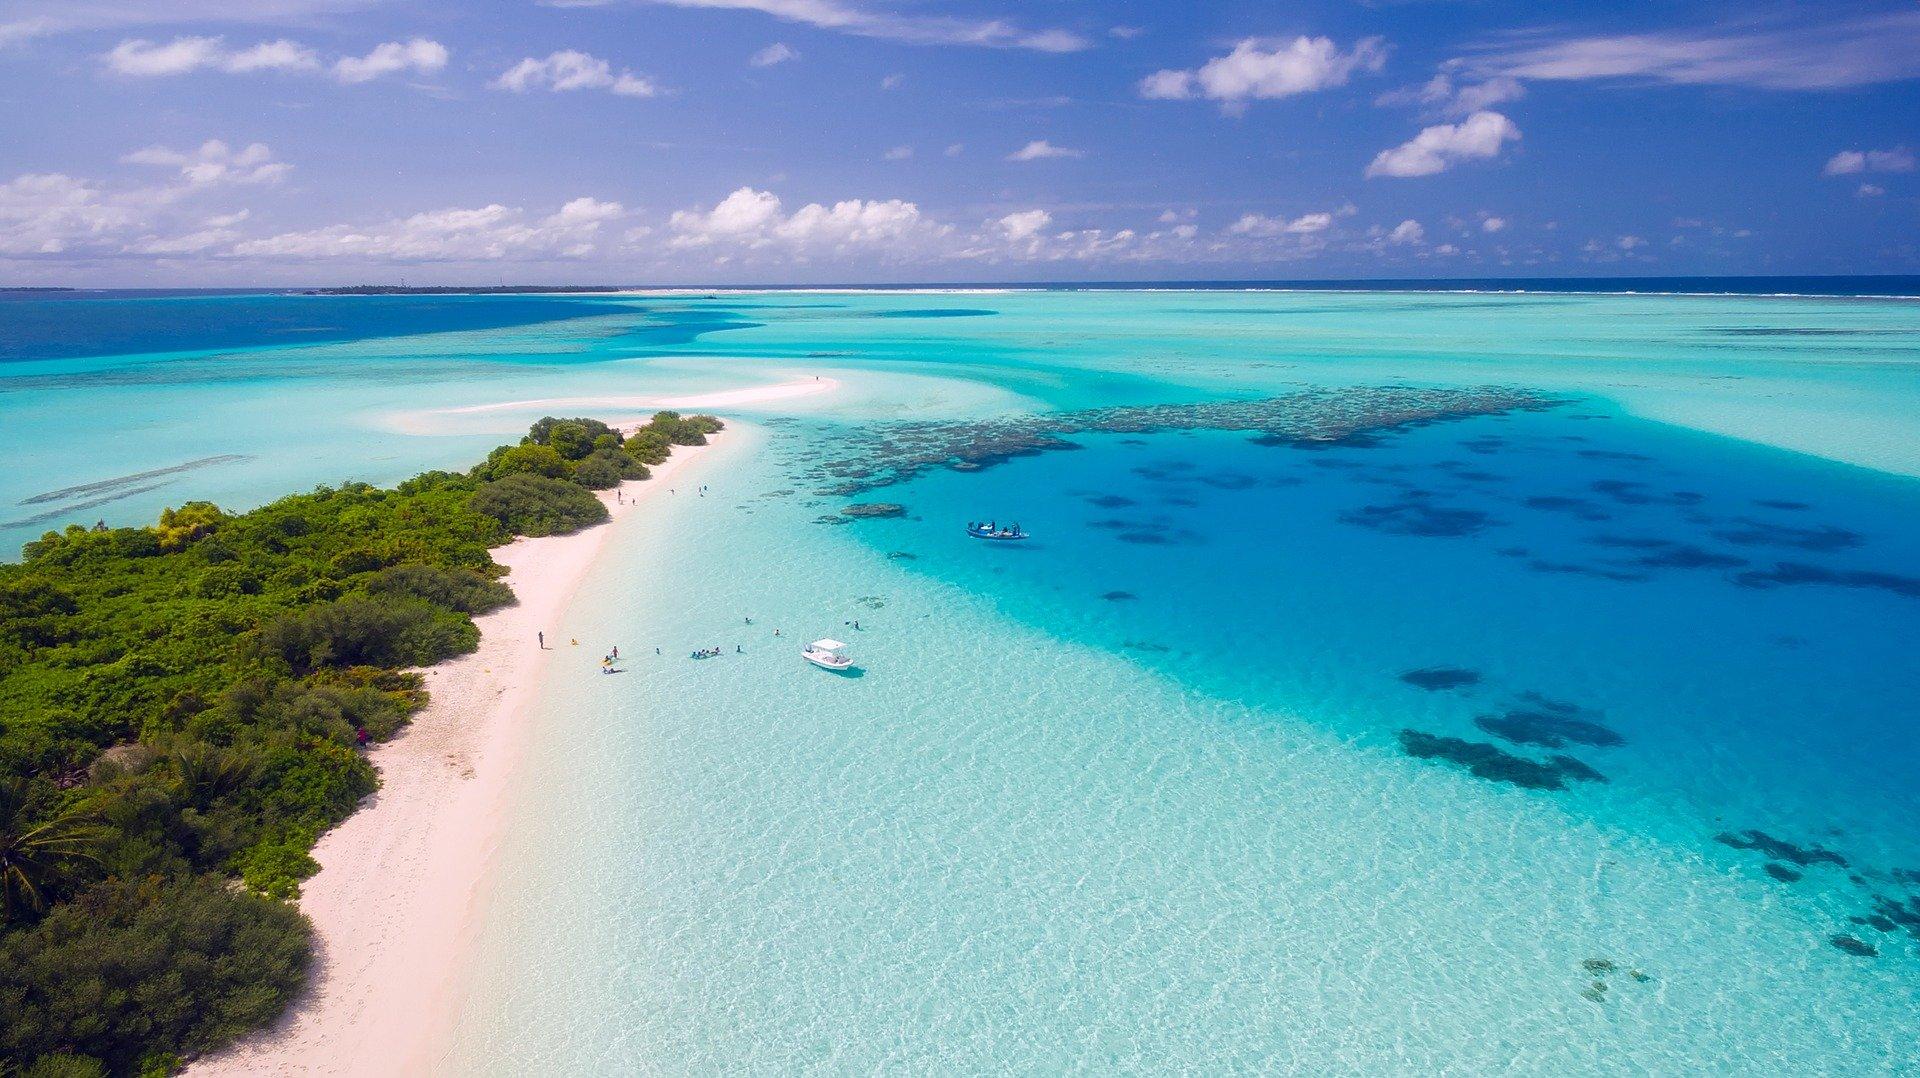 Vista aérea Maldivas